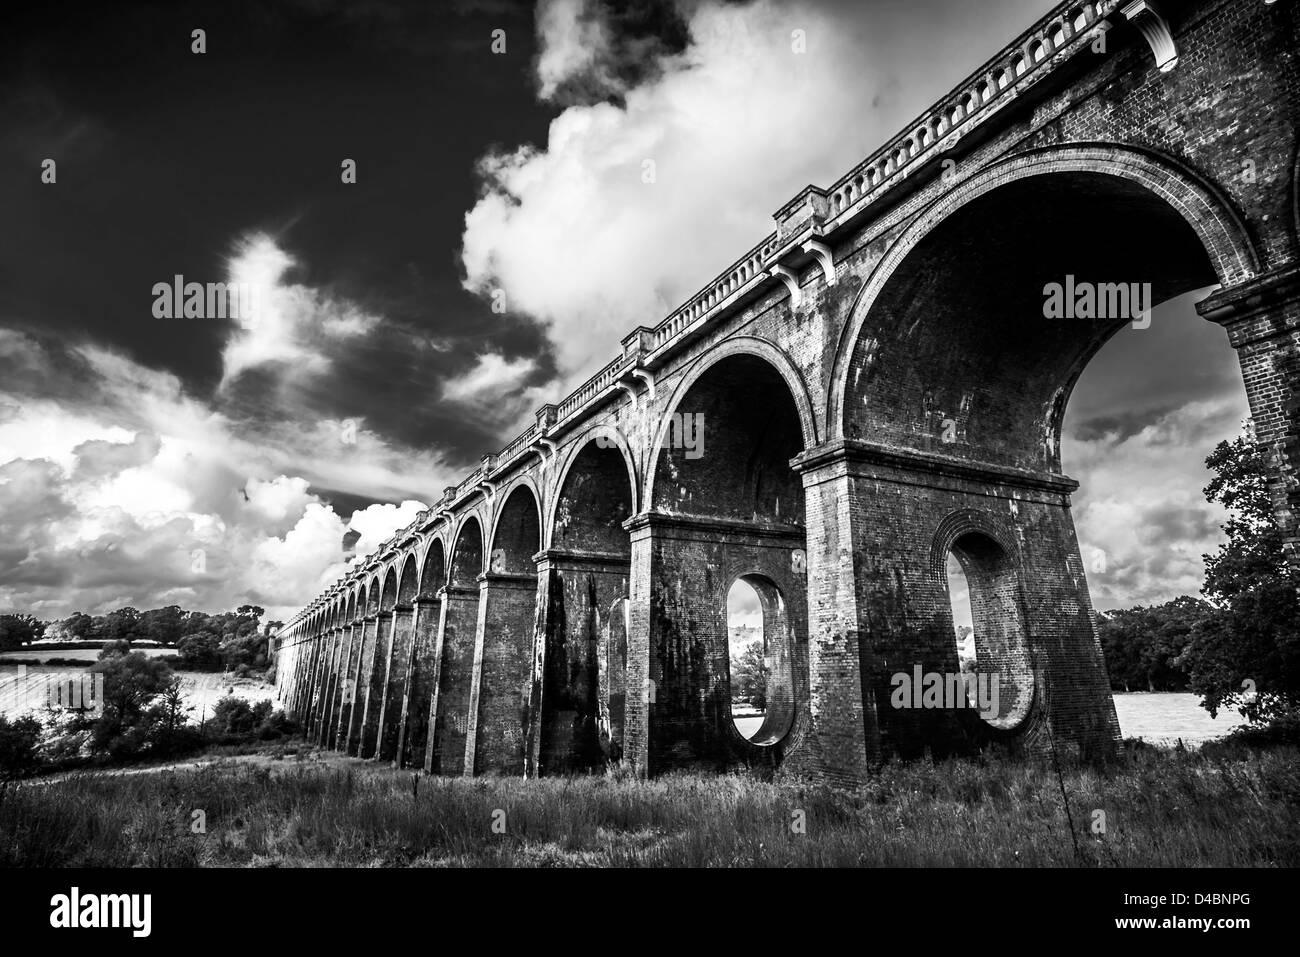 Bianco e Nero Ouse Valley viadotto Bridge nel West Sussex, Regno Unito Immagini Stock